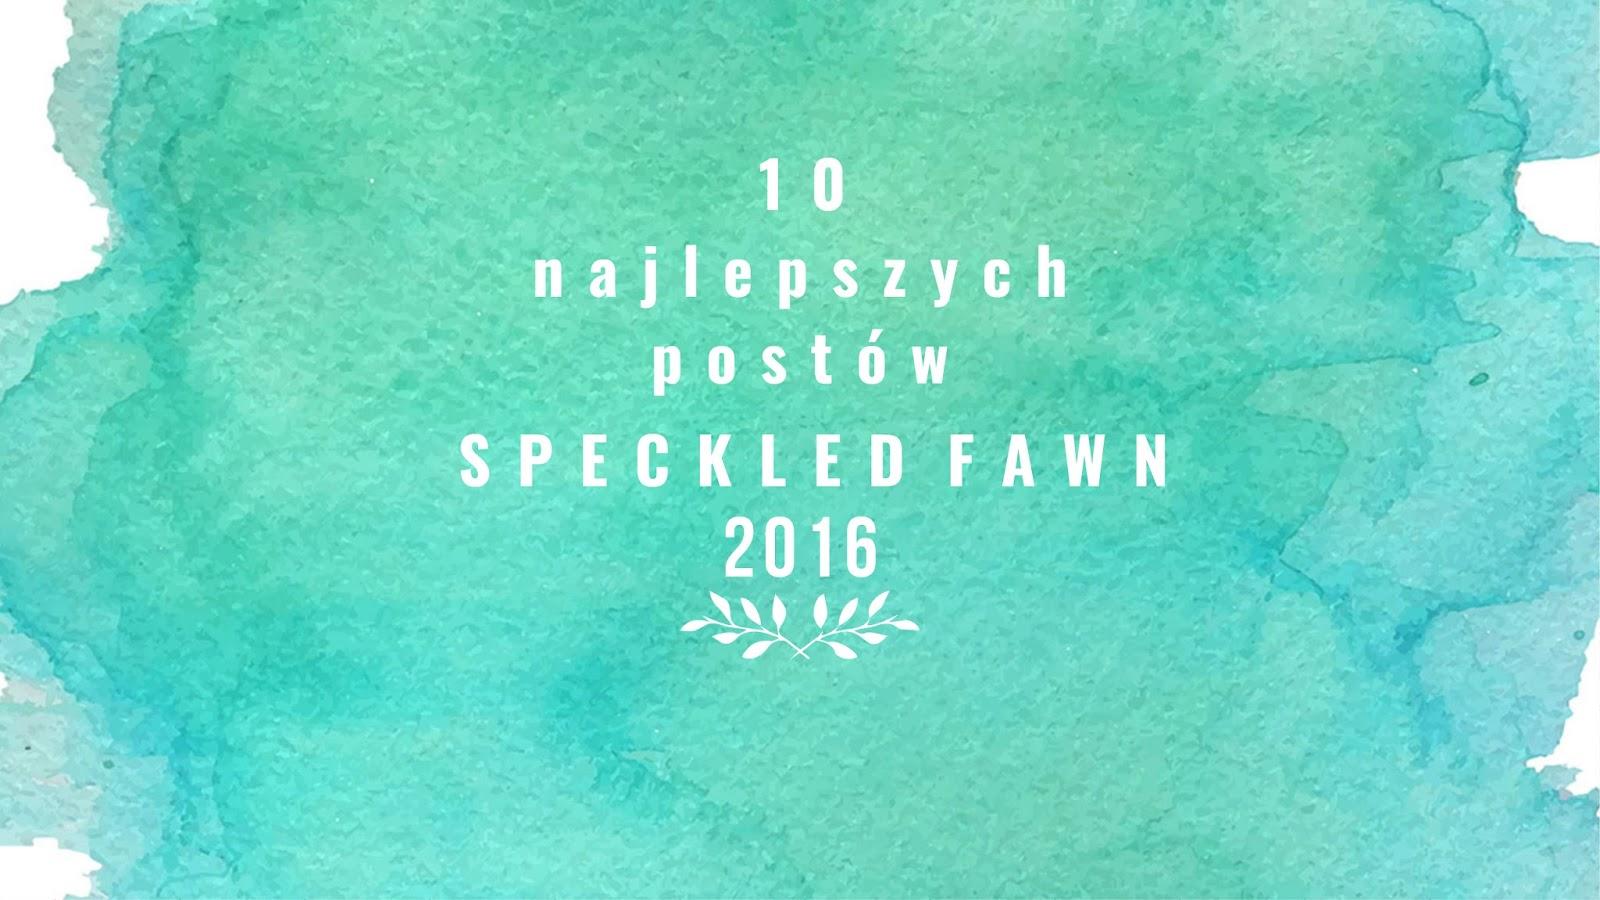 10 najlepszych postów Speckled Fawn 2016